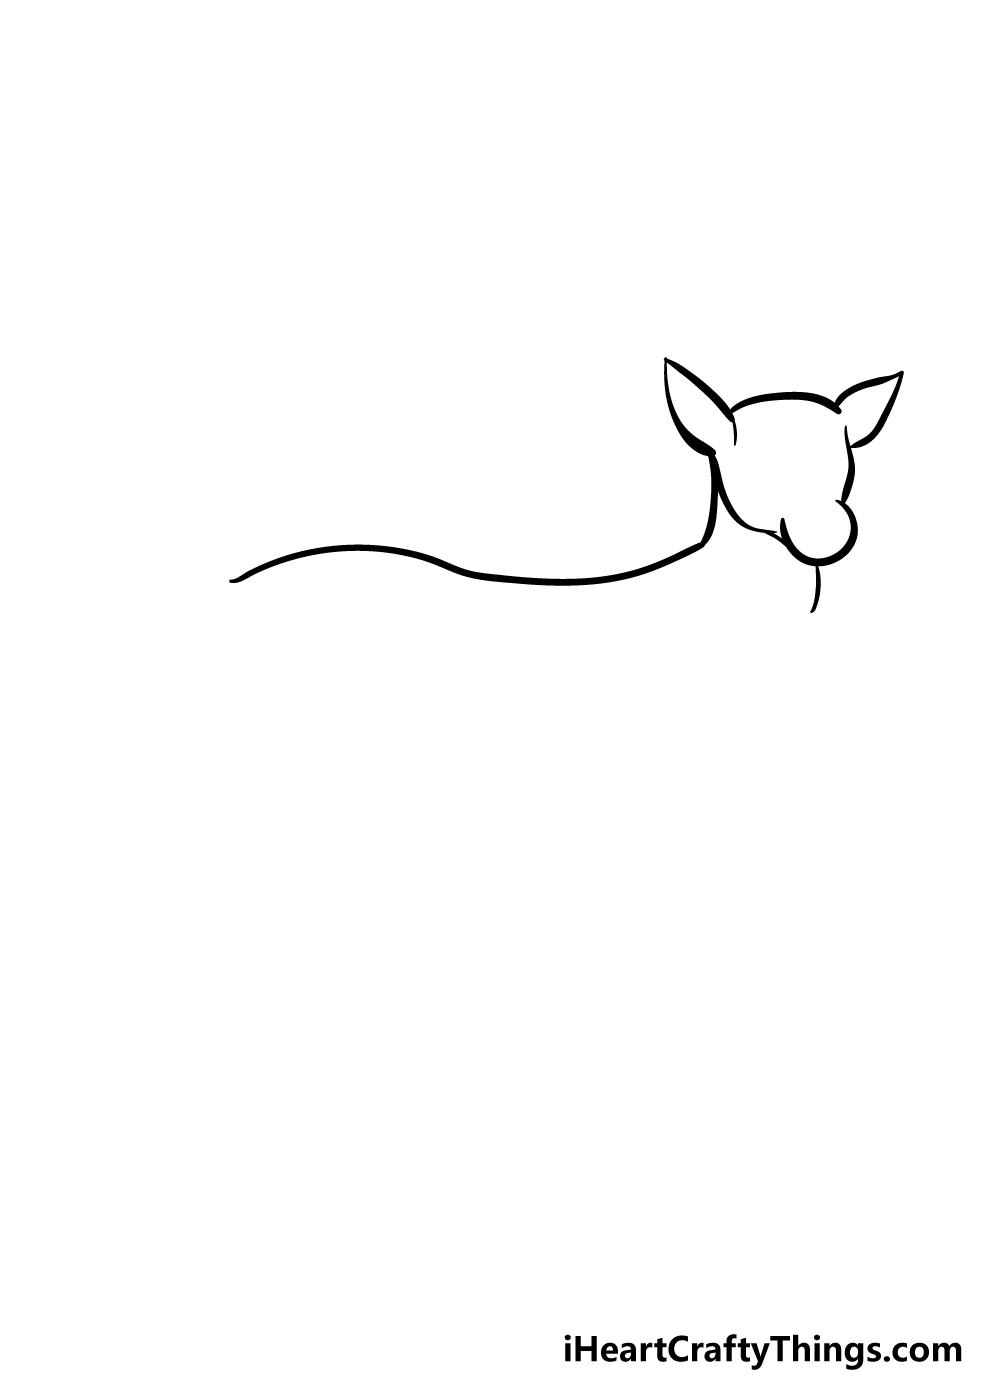 drawing deer step 3